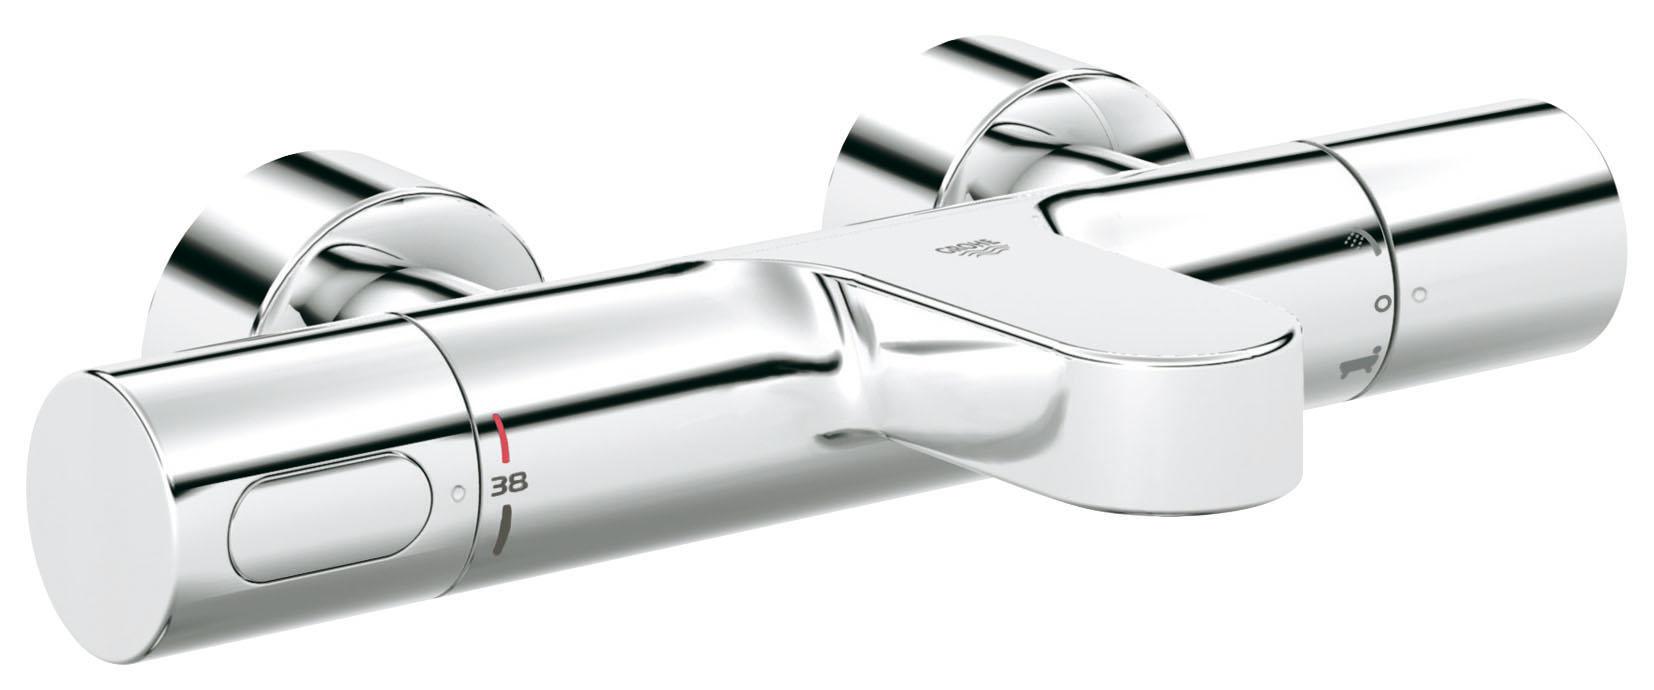 Термостатический смеситель для ванны GROHE Grohtherm 3000 Cosmopolitan (34276000)34276000Безопасный корпус GROHE CoolTouch®. Встроенный термоэлемент GROHE TurboStat®. Встроенный стопор смешанной воды. Carbodur керамический вентиль 1/2, 180°. Аквадиммер многофункциональный регулировка расхода, переключатель ванна/душ. Стопор безопасности при 38°C. Аэратор. Встроенные обратные клапаны. Грязеулавливающие фильтры. Скрытые S-образные эксцентрики. Защита от обратного потока. Хромированная поверхность GROHE StarLight®. Технология совершенного потока при уменьшенном расходе воды GROHE EcoJoy®